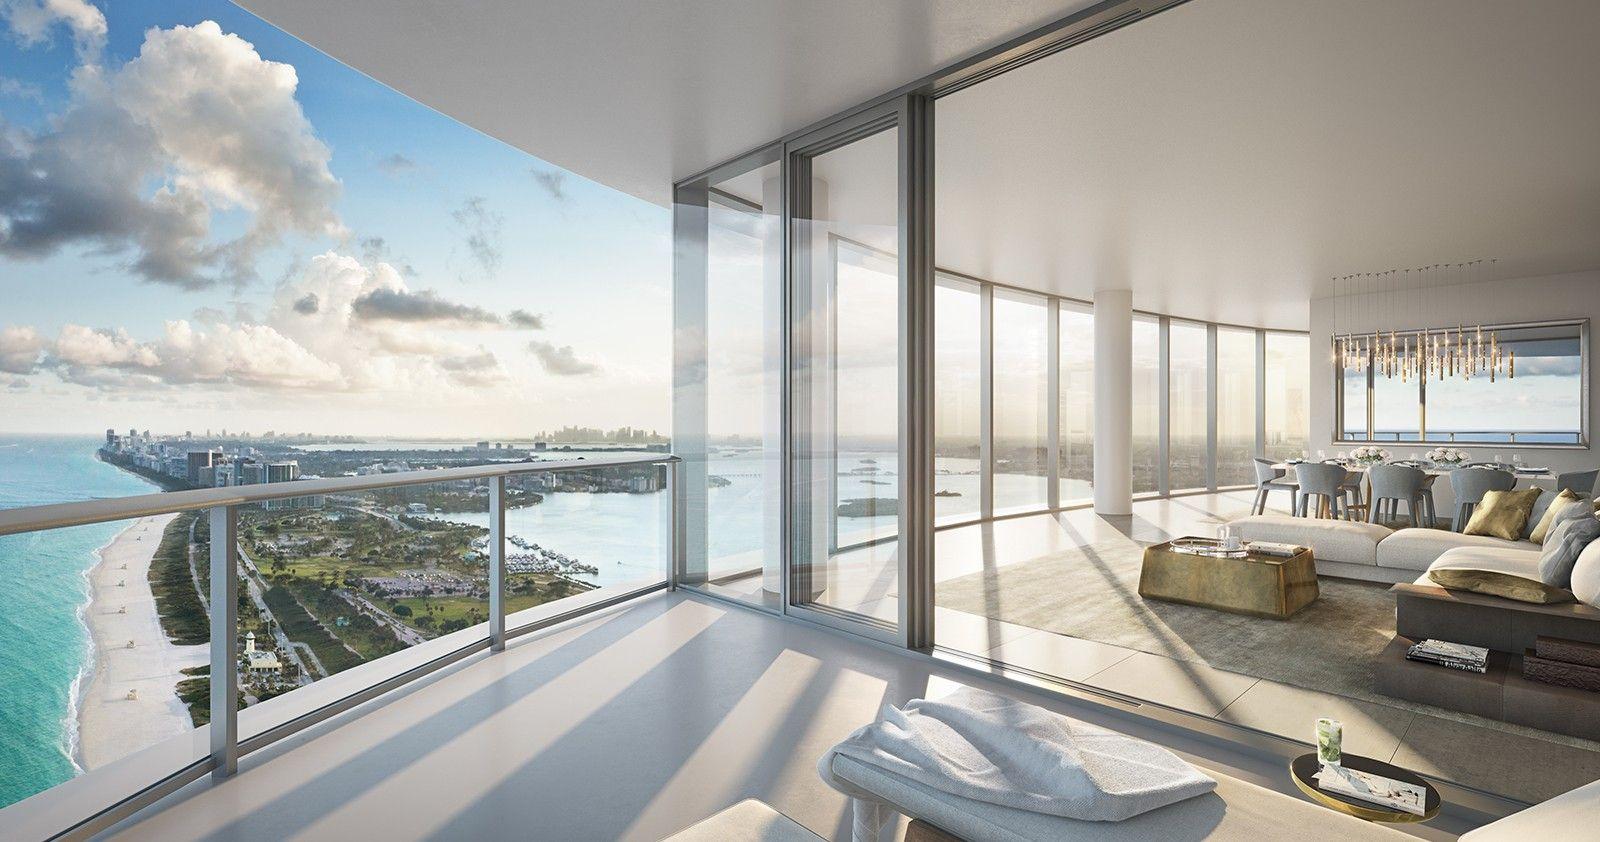 Balcony of Luxury Miami Condo   Miami condo, Miami beach residence, Miami  condominiums